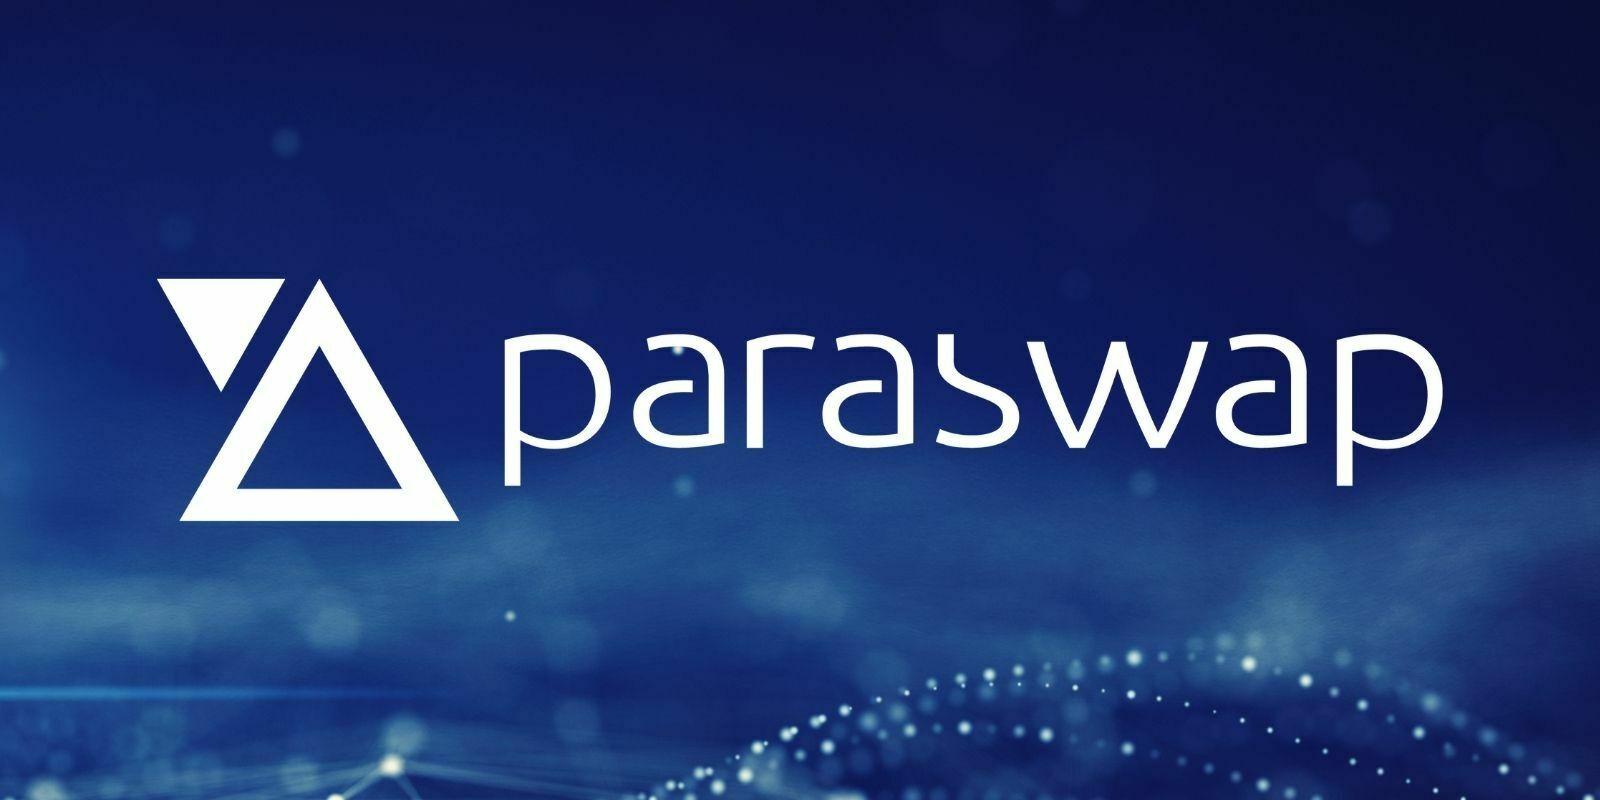 L'agrégateur de DEX ParaSwap lève 3 millions de dollars et prévoit l'intégration de nouvelles blockchains